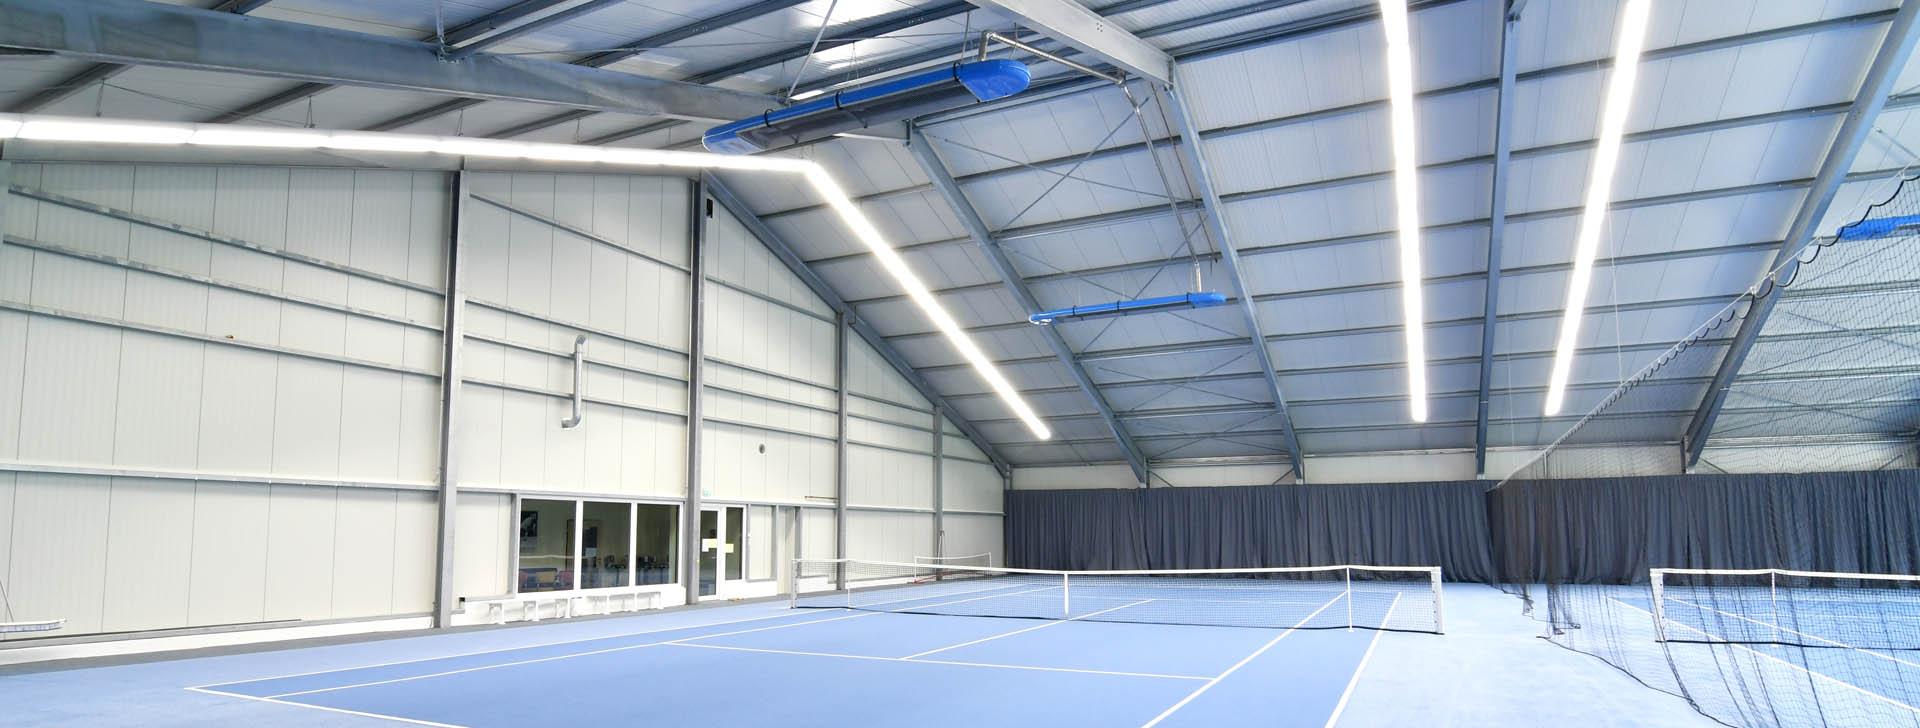 Tennishalle mit Stahlrahmen